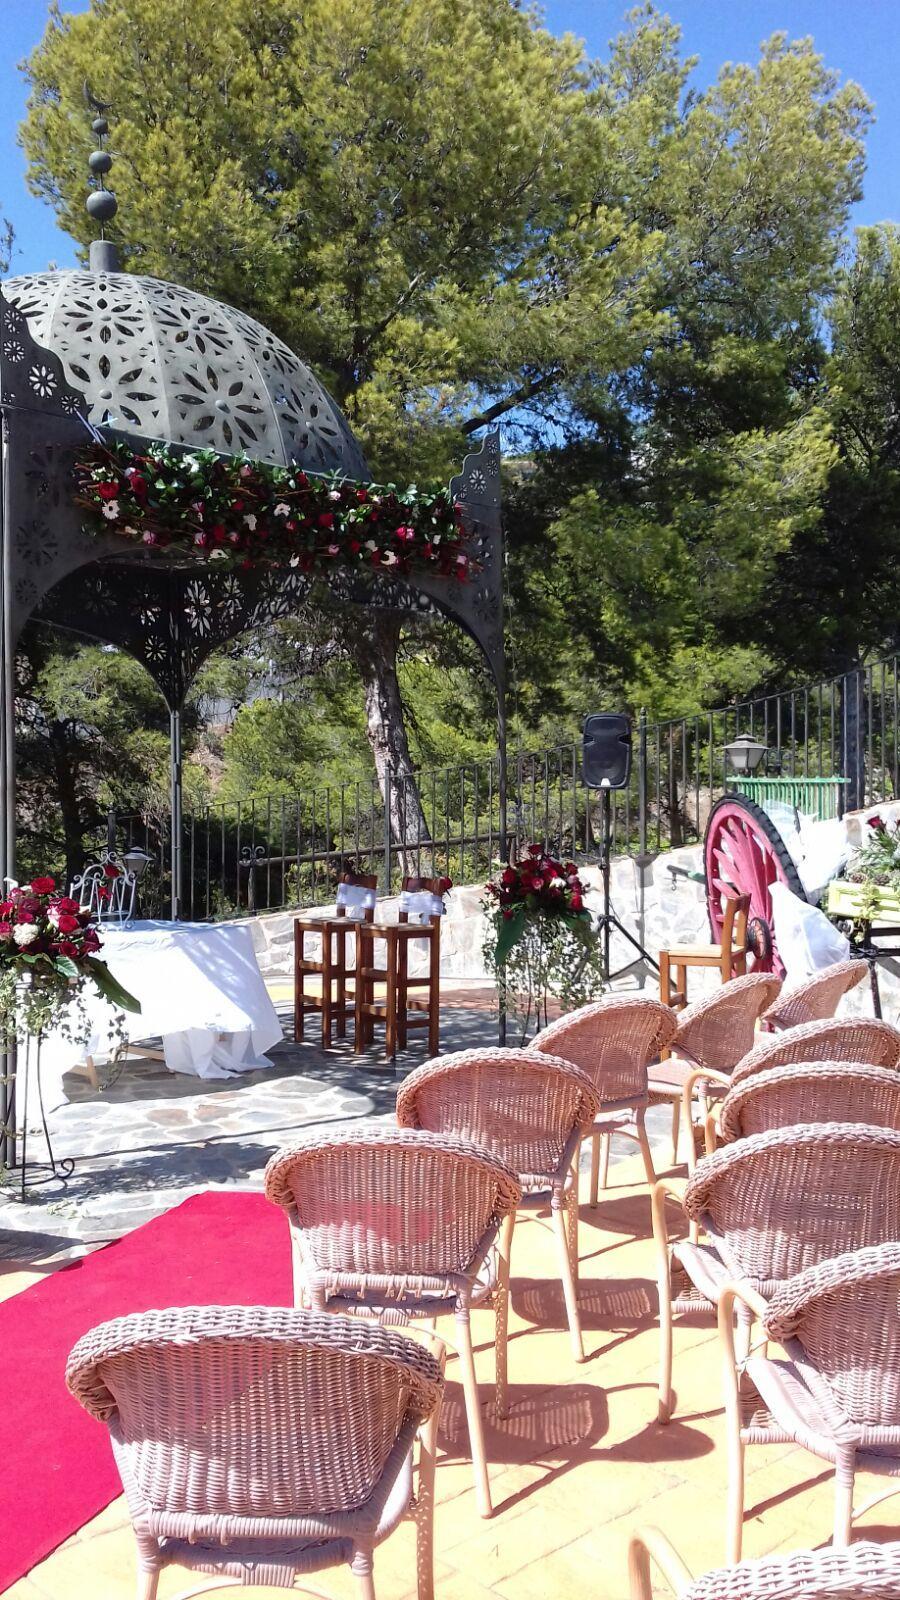 Decoración floral especial en bodas